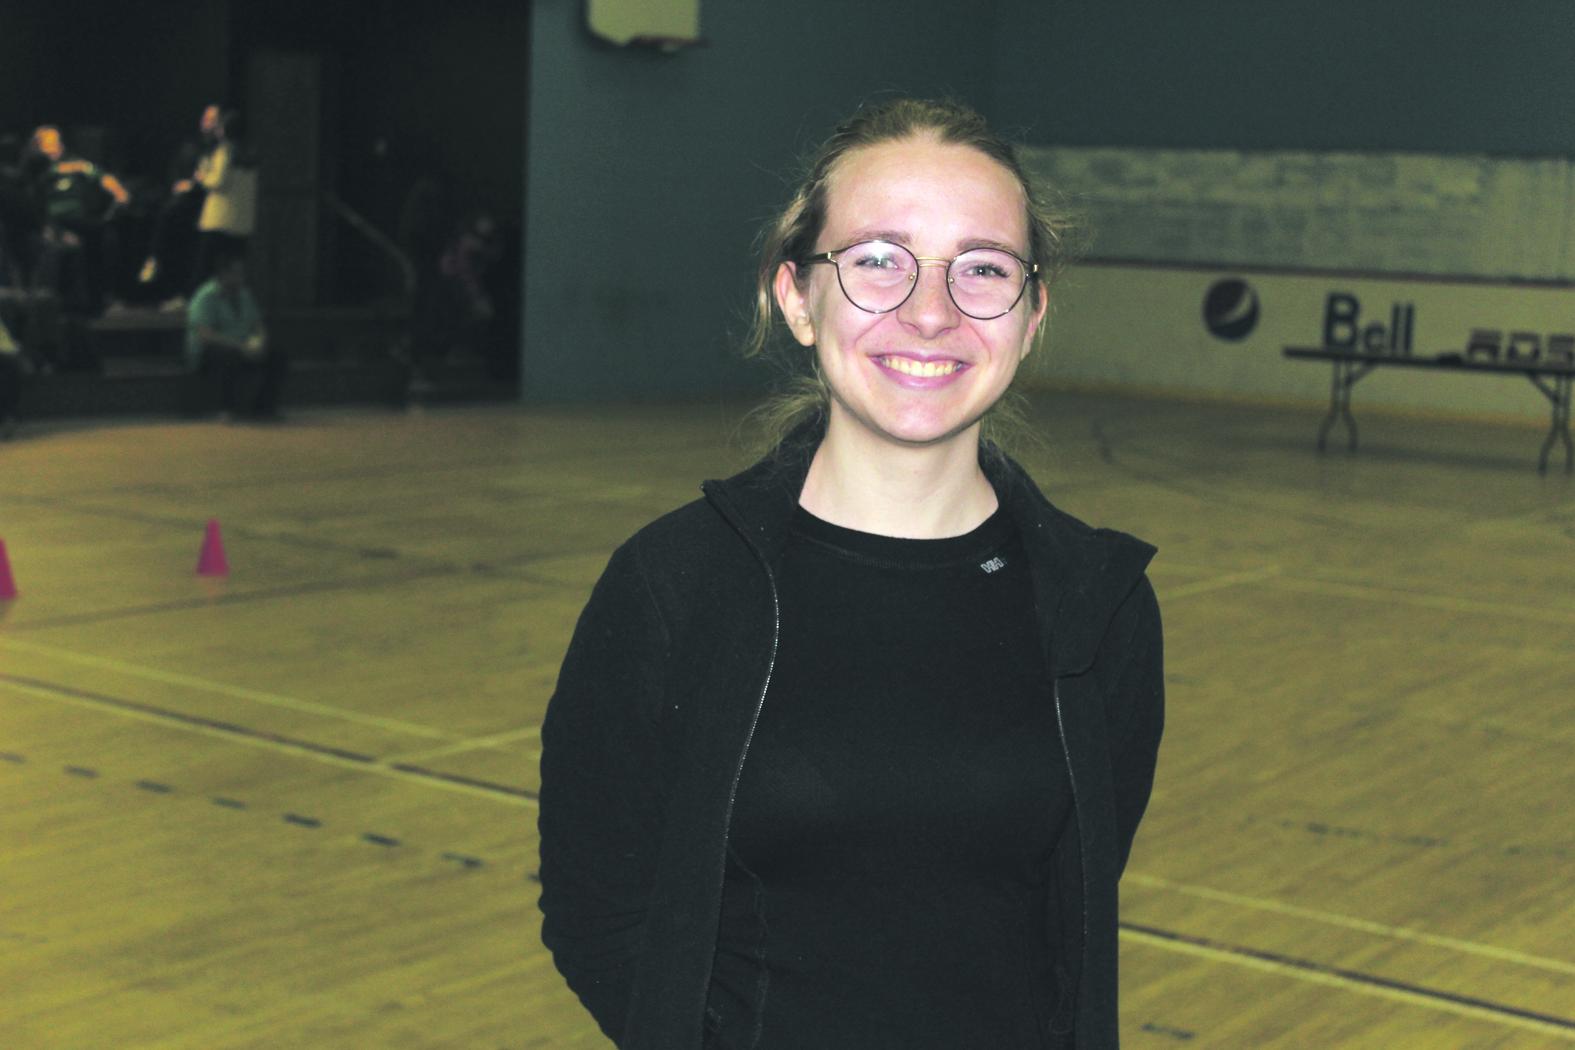 Externat à Baie-Comeau : Gabrielle explique son « coup de foudre »